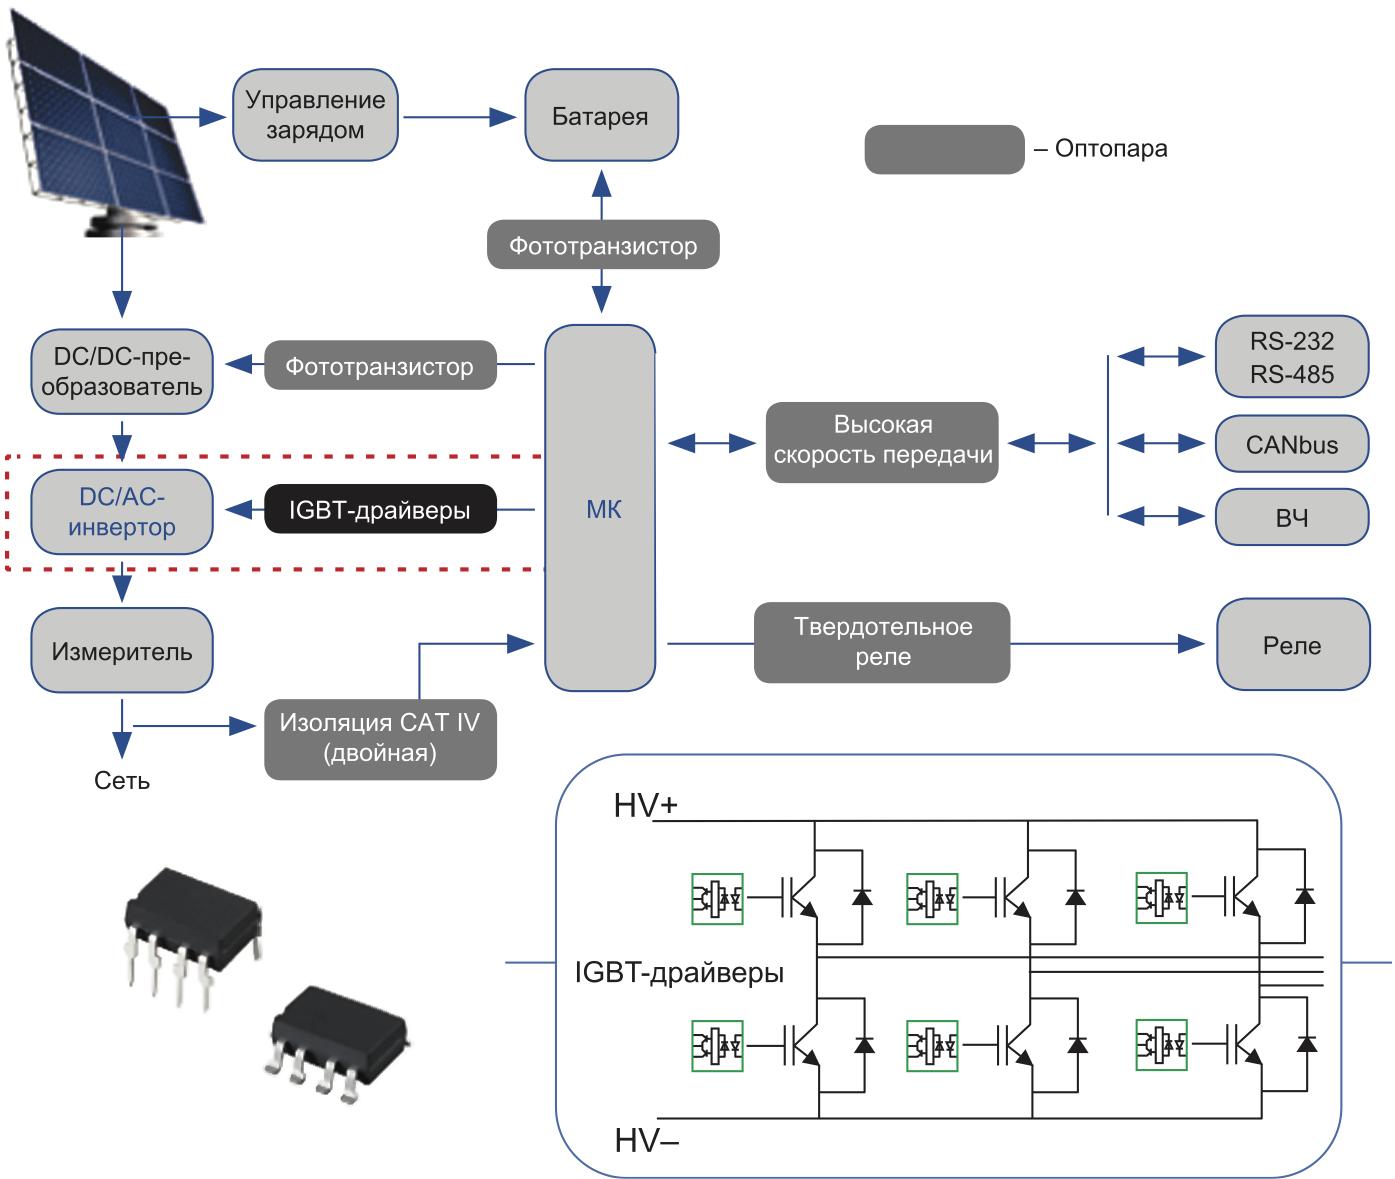 Пример применения оптически изолированных драйверов IGBT в схемах управления солнечными и ветровыми источниками энергии